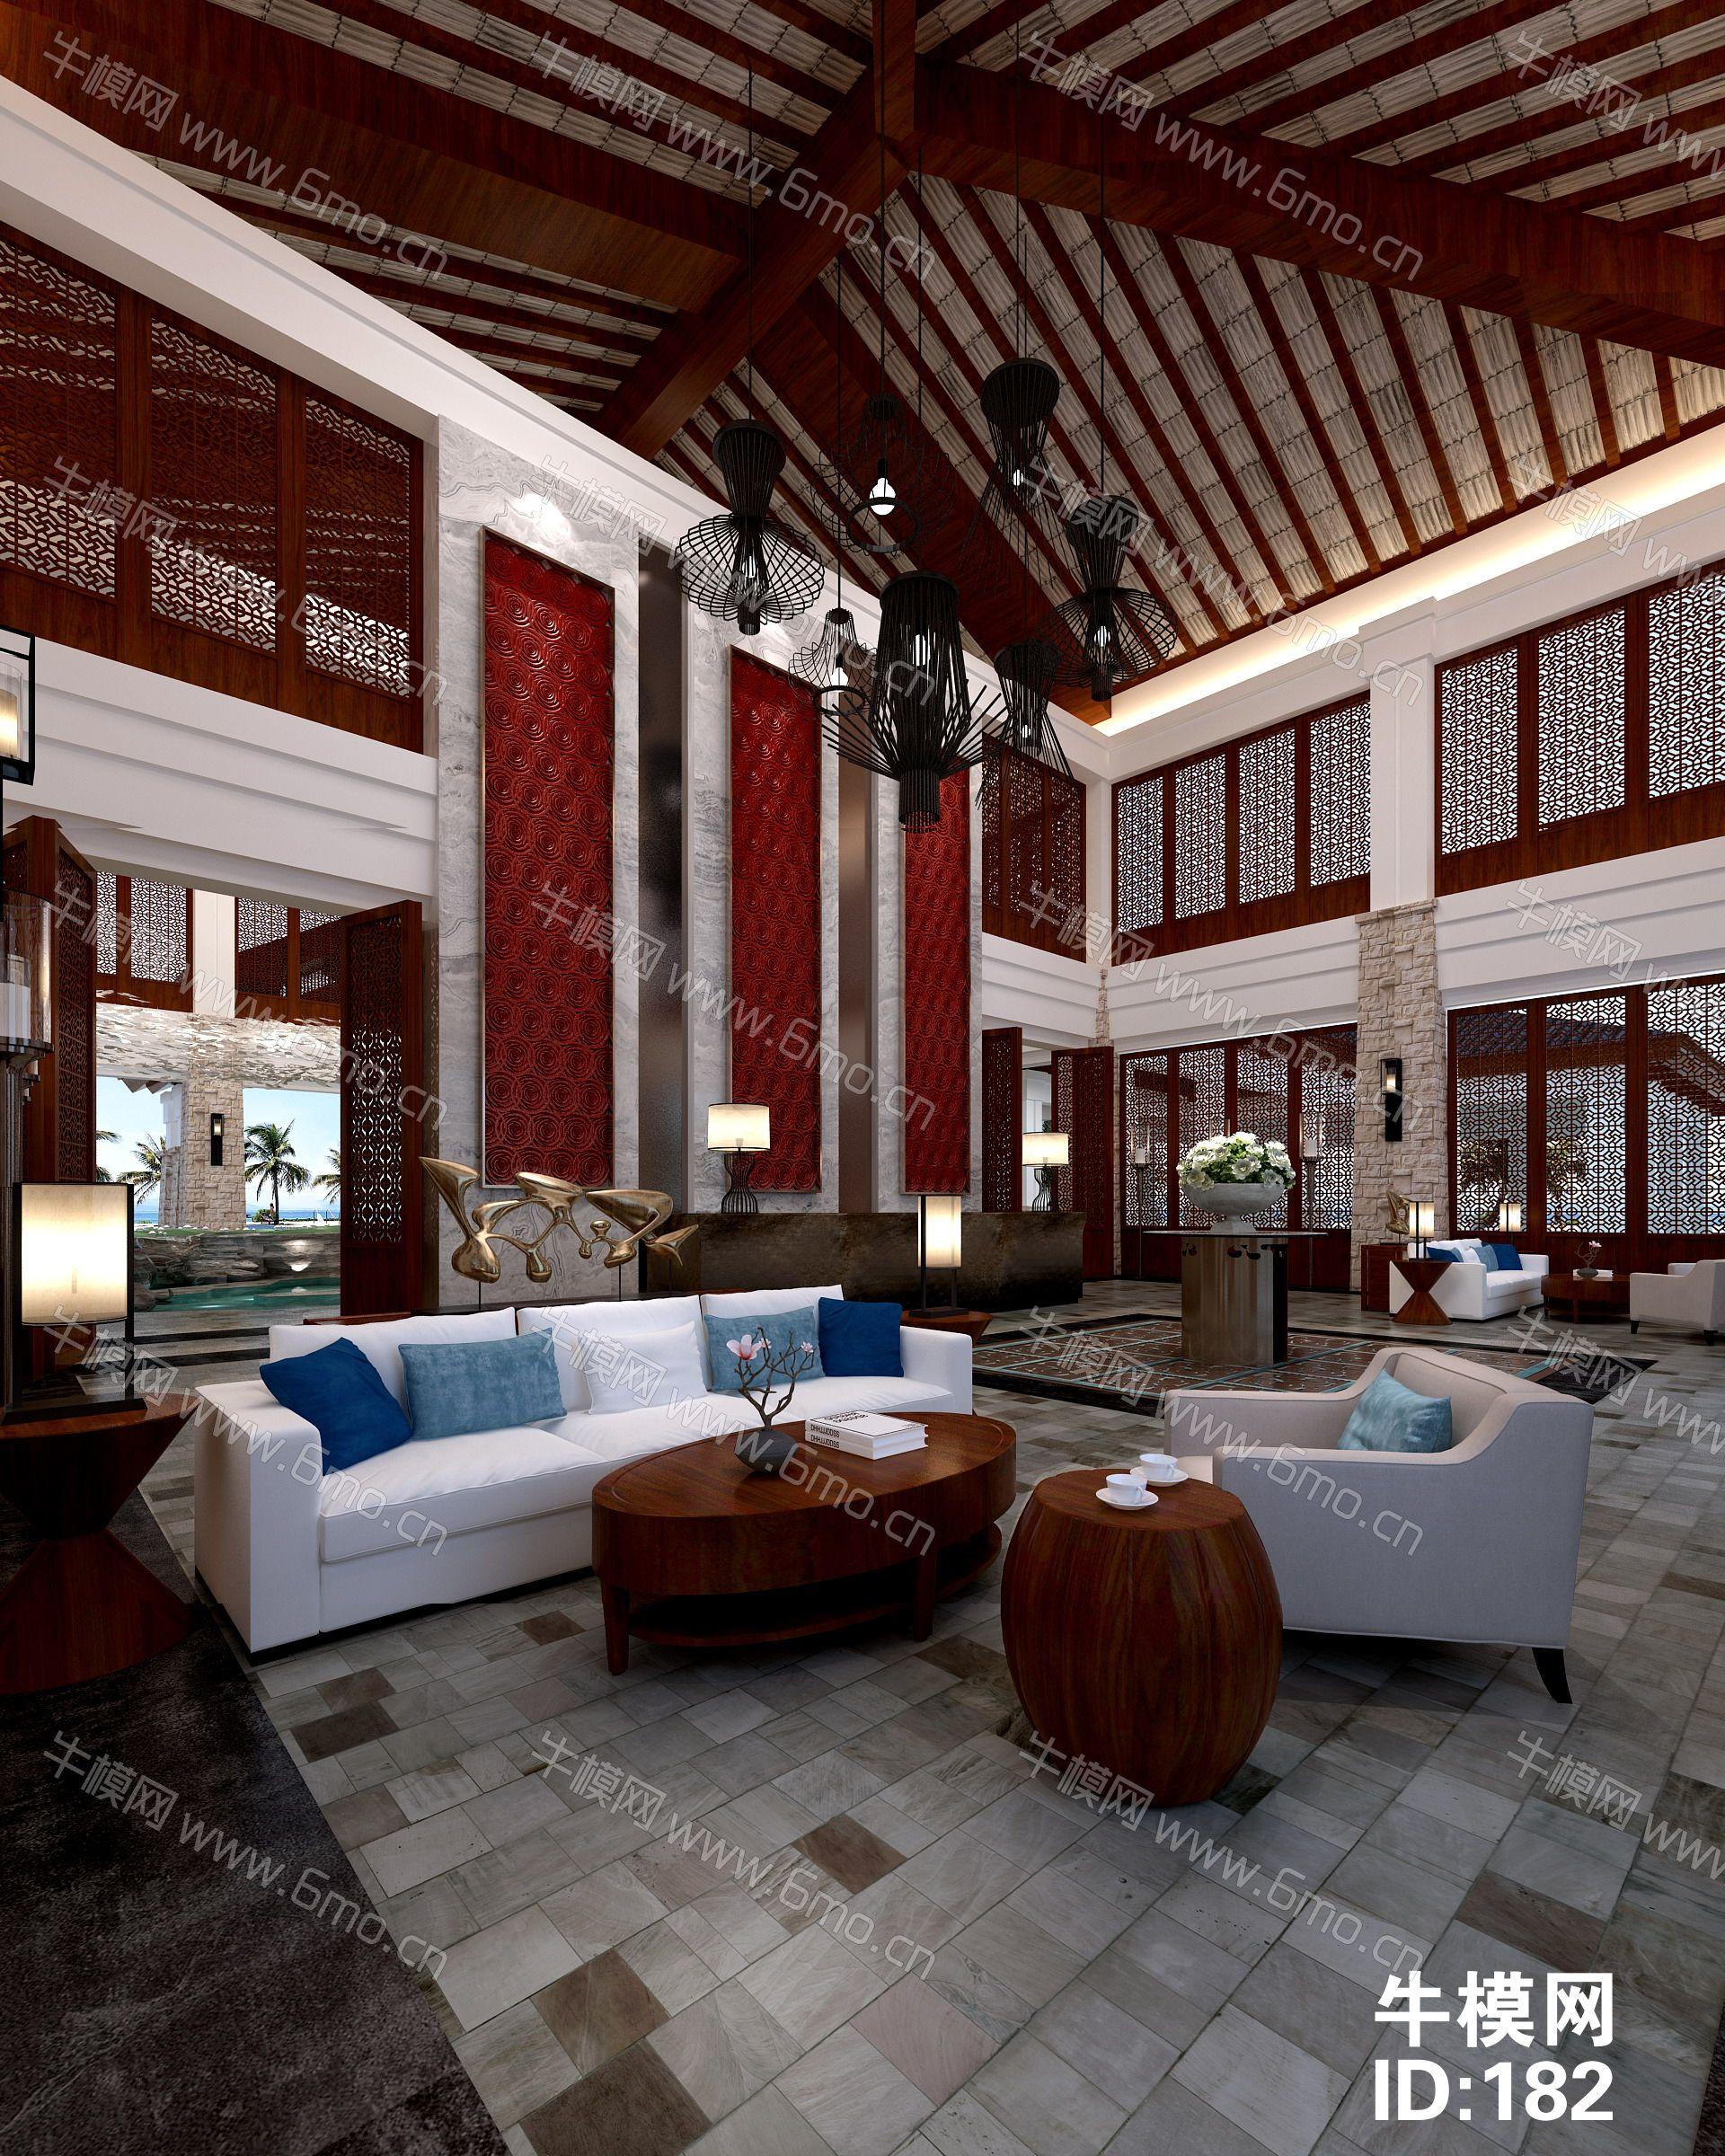 中式售楼处大厅前台沙盘洽谈区